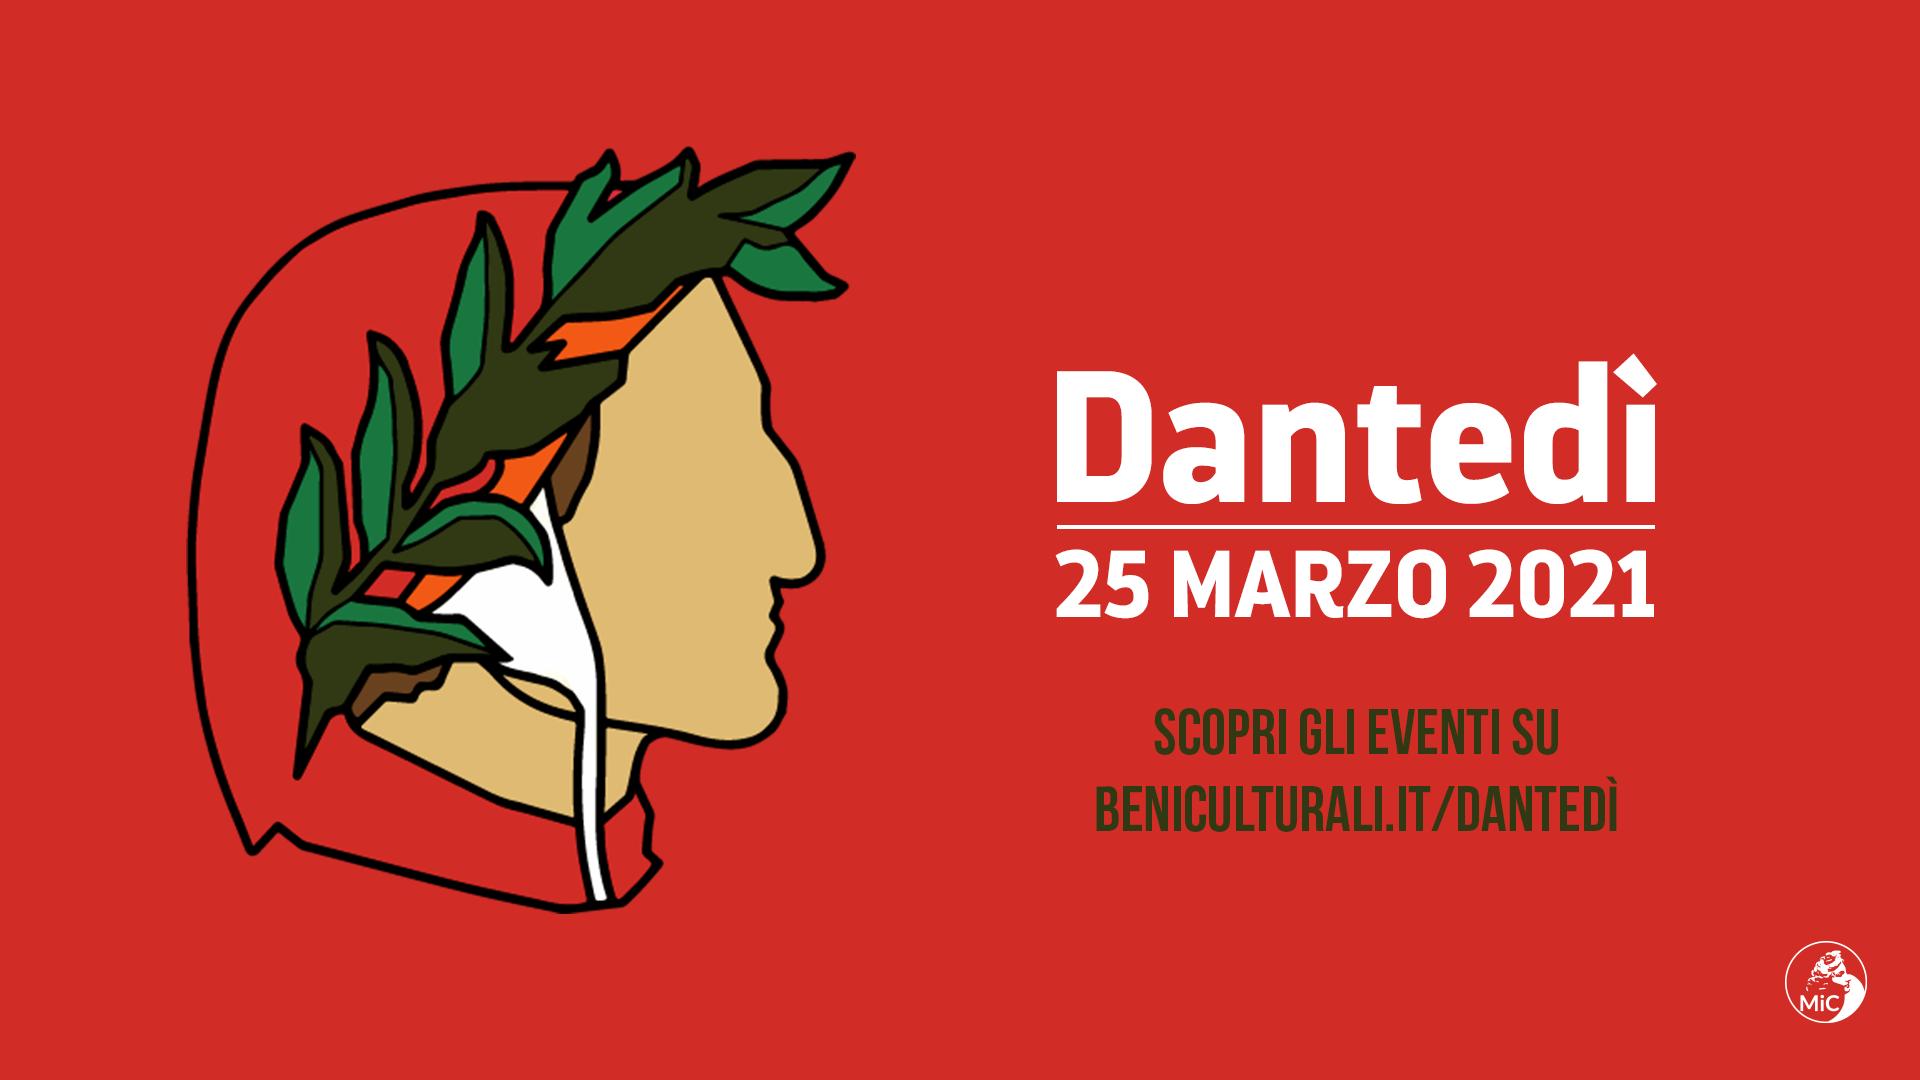 Per riscoprire Dante basta uno smartphone: concorso di cortometraggi destinato alle scuole